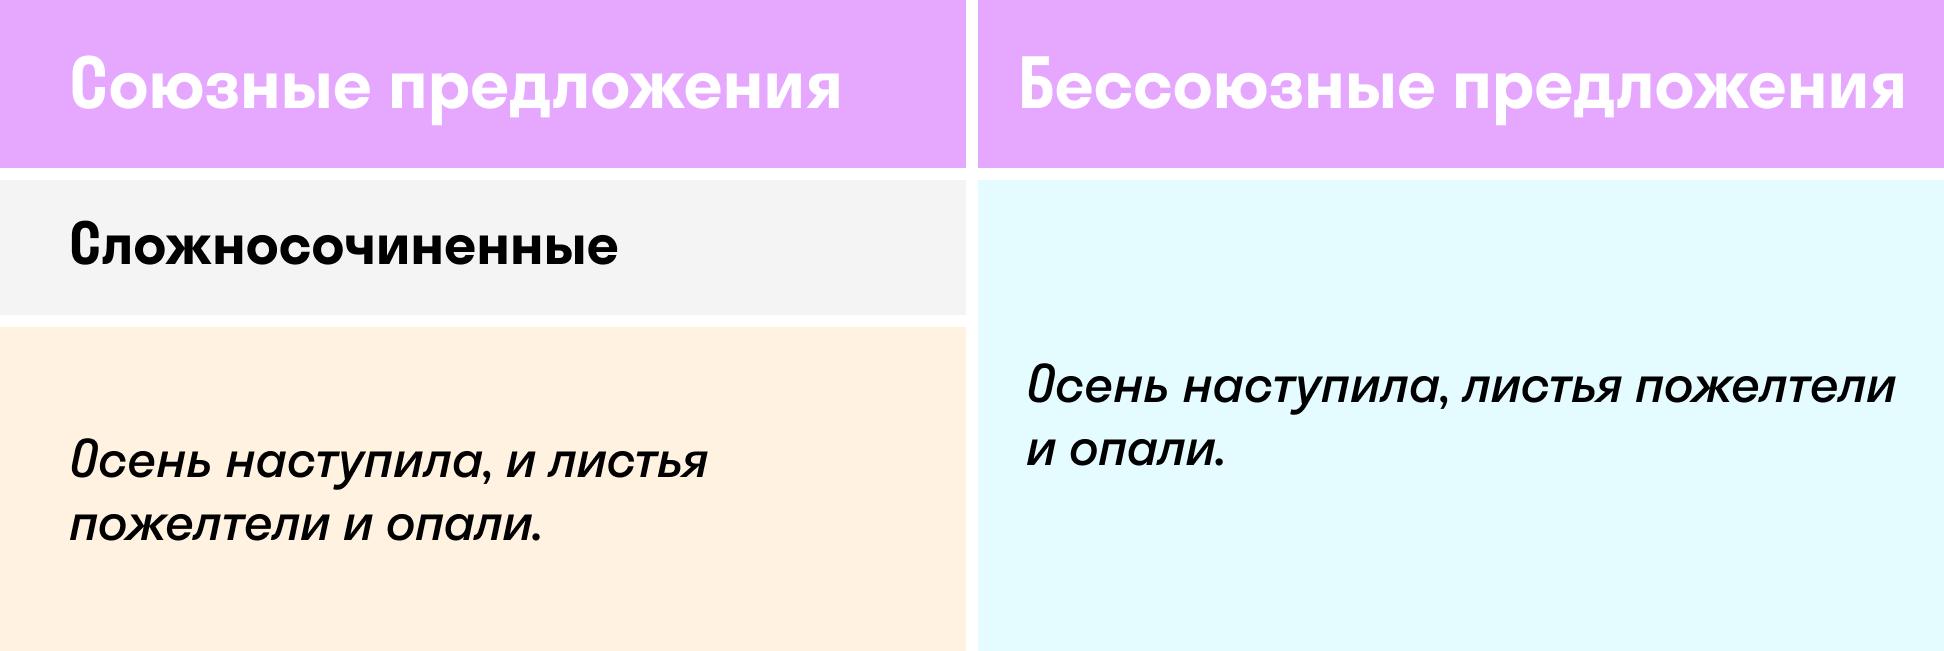 Типы сложносочиненных предложений таблица   skysmart.ru